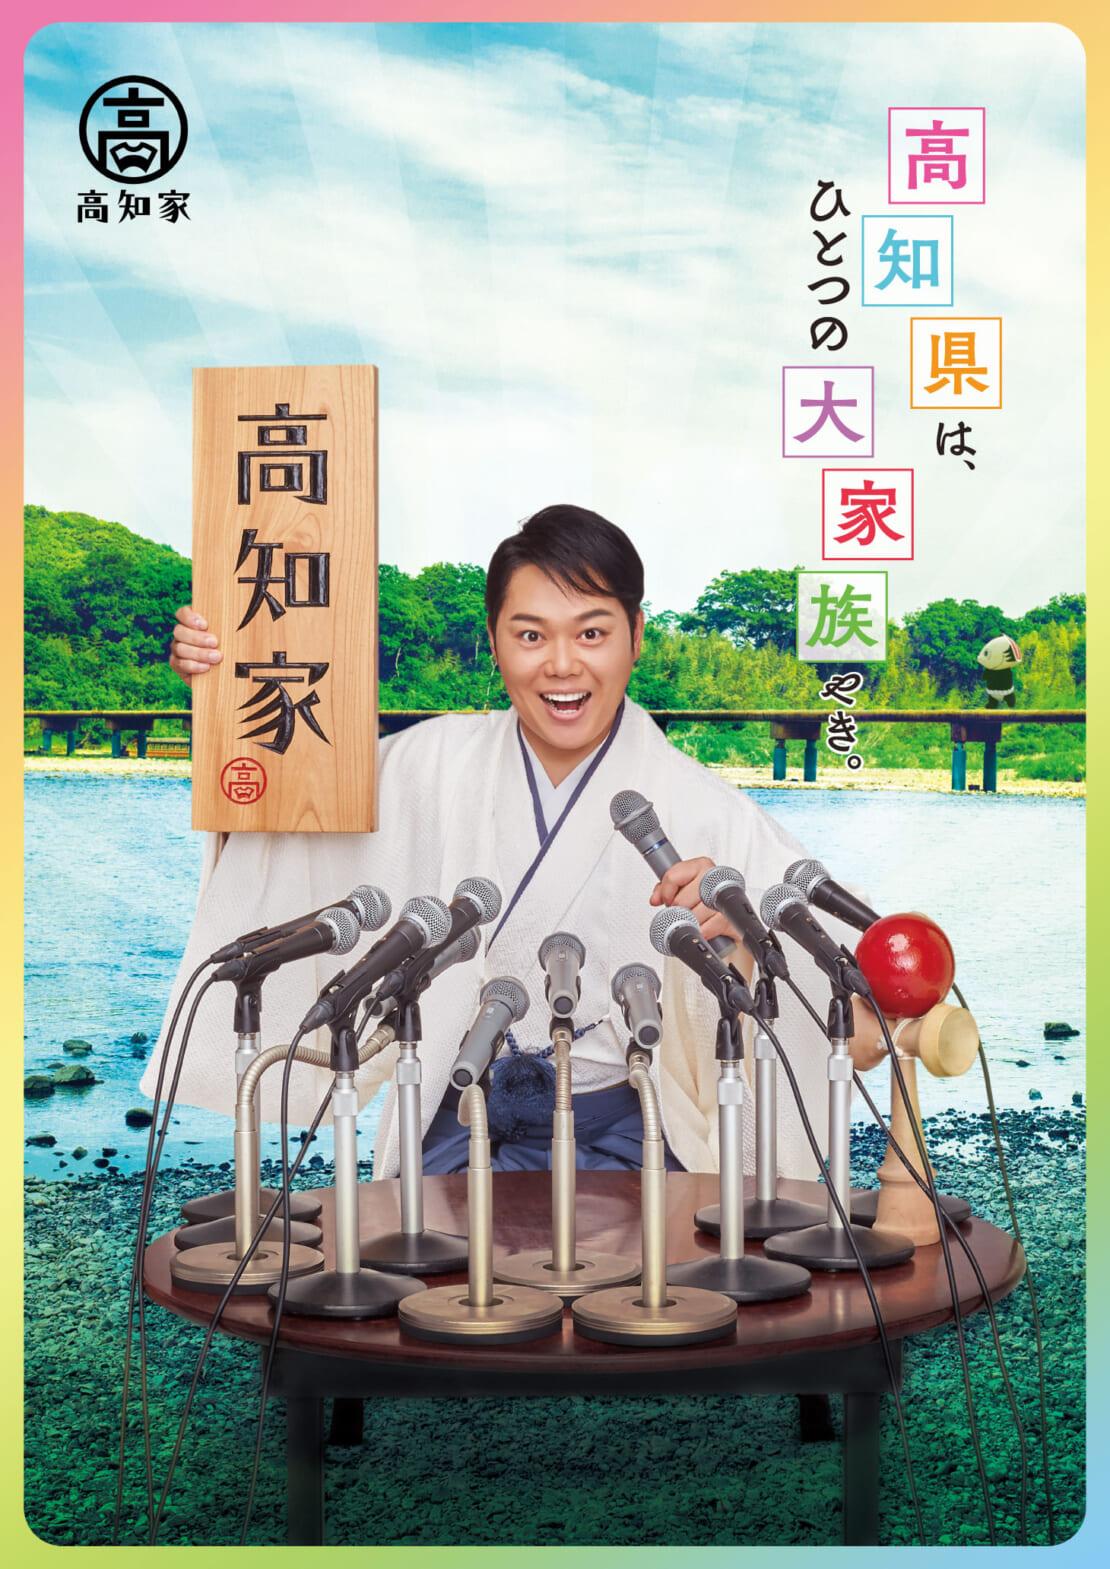 三山ひろし 高知家プロモーションポスター